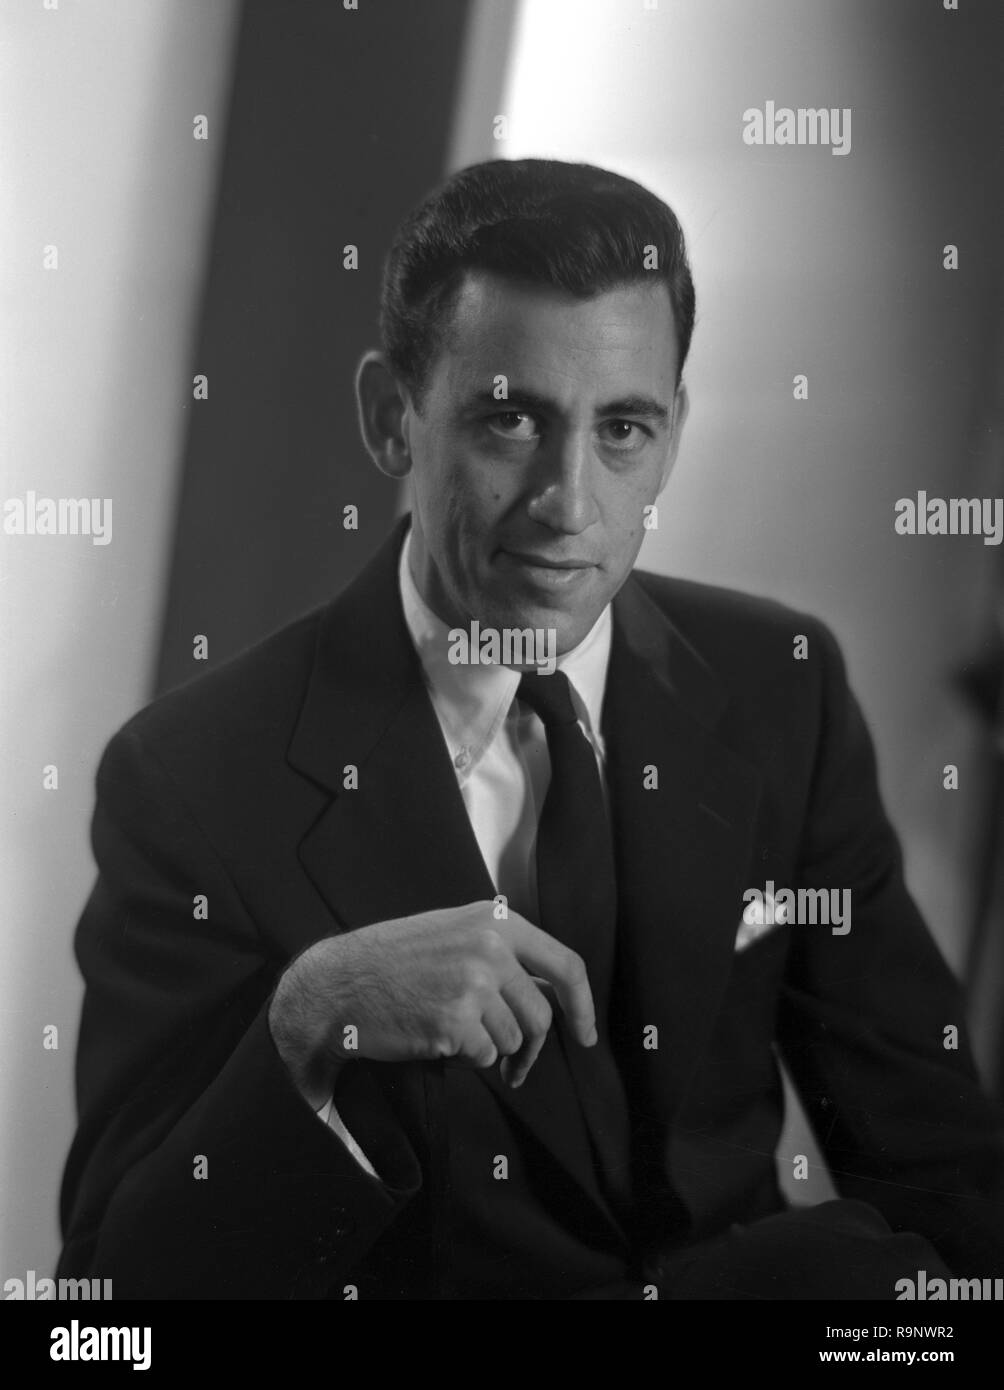 Drei viertel länge sitzt Portrait von Thema Jerome David Salinger (JD Salinger) trägt einen dunklen Anzug und Krawatte und Blick in die Kamera, eine Hand mit Zeigefinger teilweise verlängert, mit einem Hintergrund von Graustufen Licht und Schatten, von Lotte Jacobi in New York City, New York, 1950 fotografiert. () Stockbild